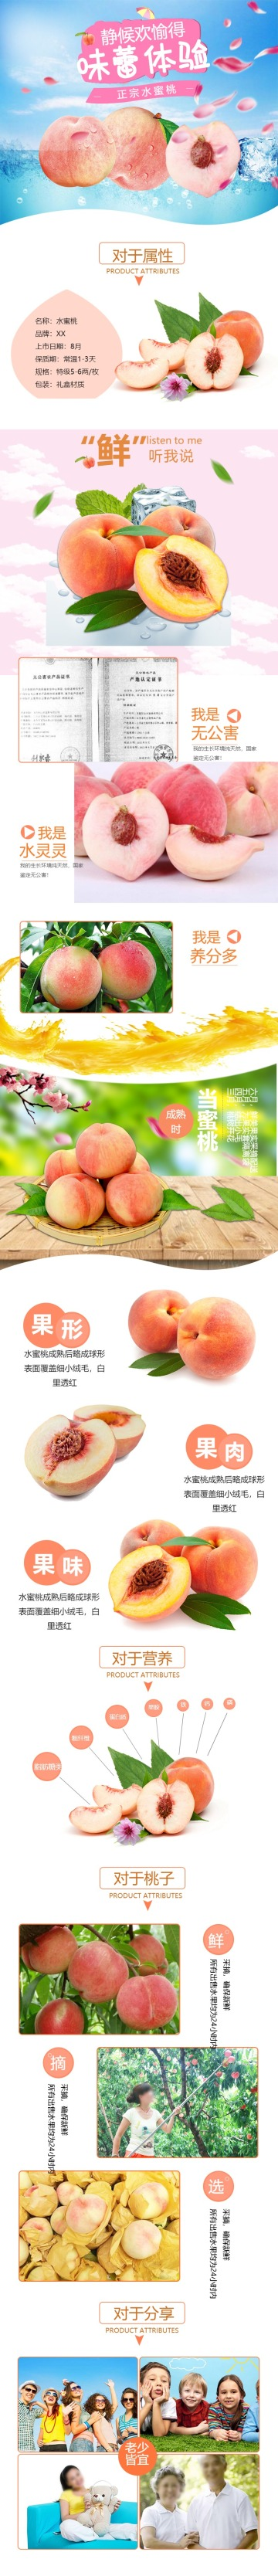 清晰简约百货零售生鲜水果水蜜桃促销电商详情页